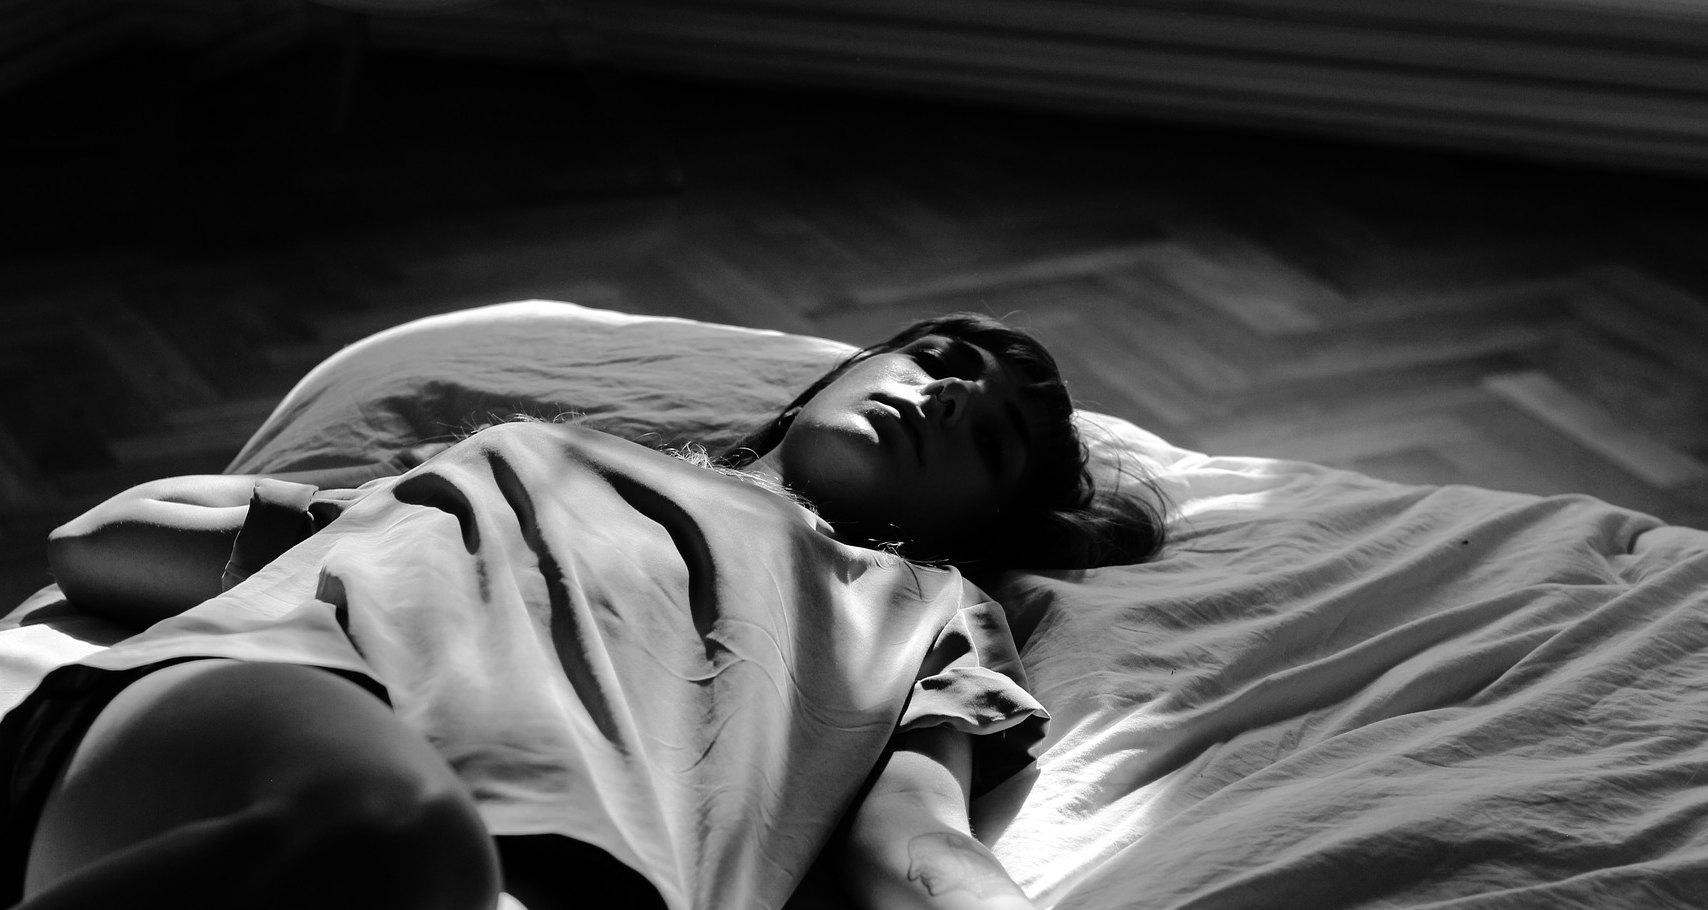 Утяжелённое одеяло от беспокойства своими руками: пошаговая инструкция с фото